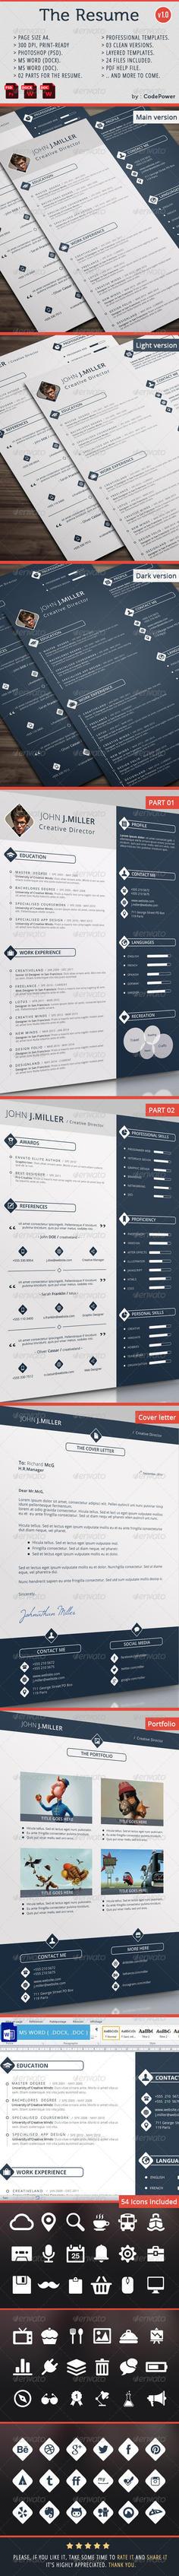 The Resume by khaledzz9